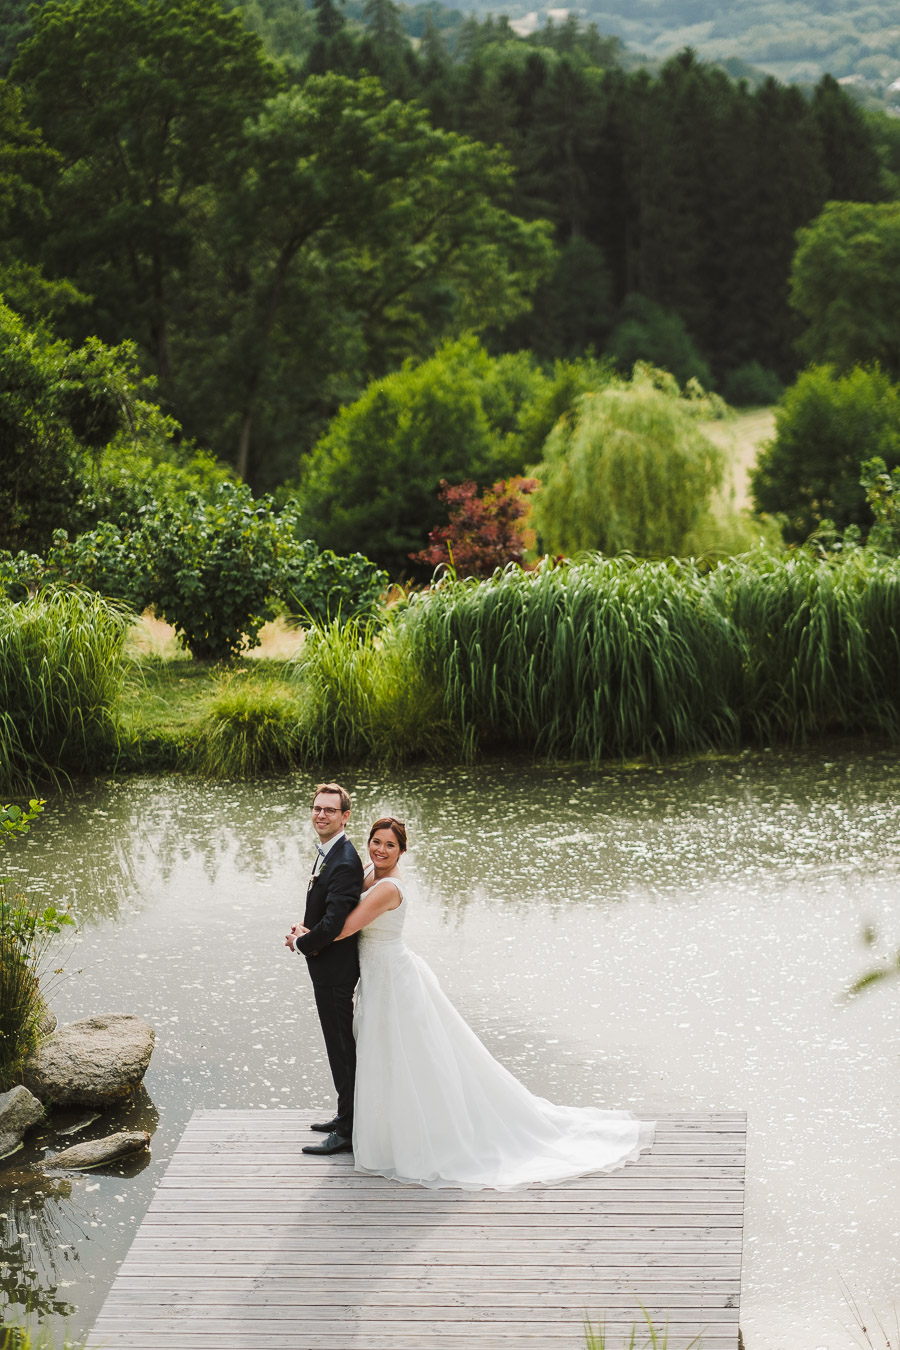 Brautpaar wird am Wasser fotografiert